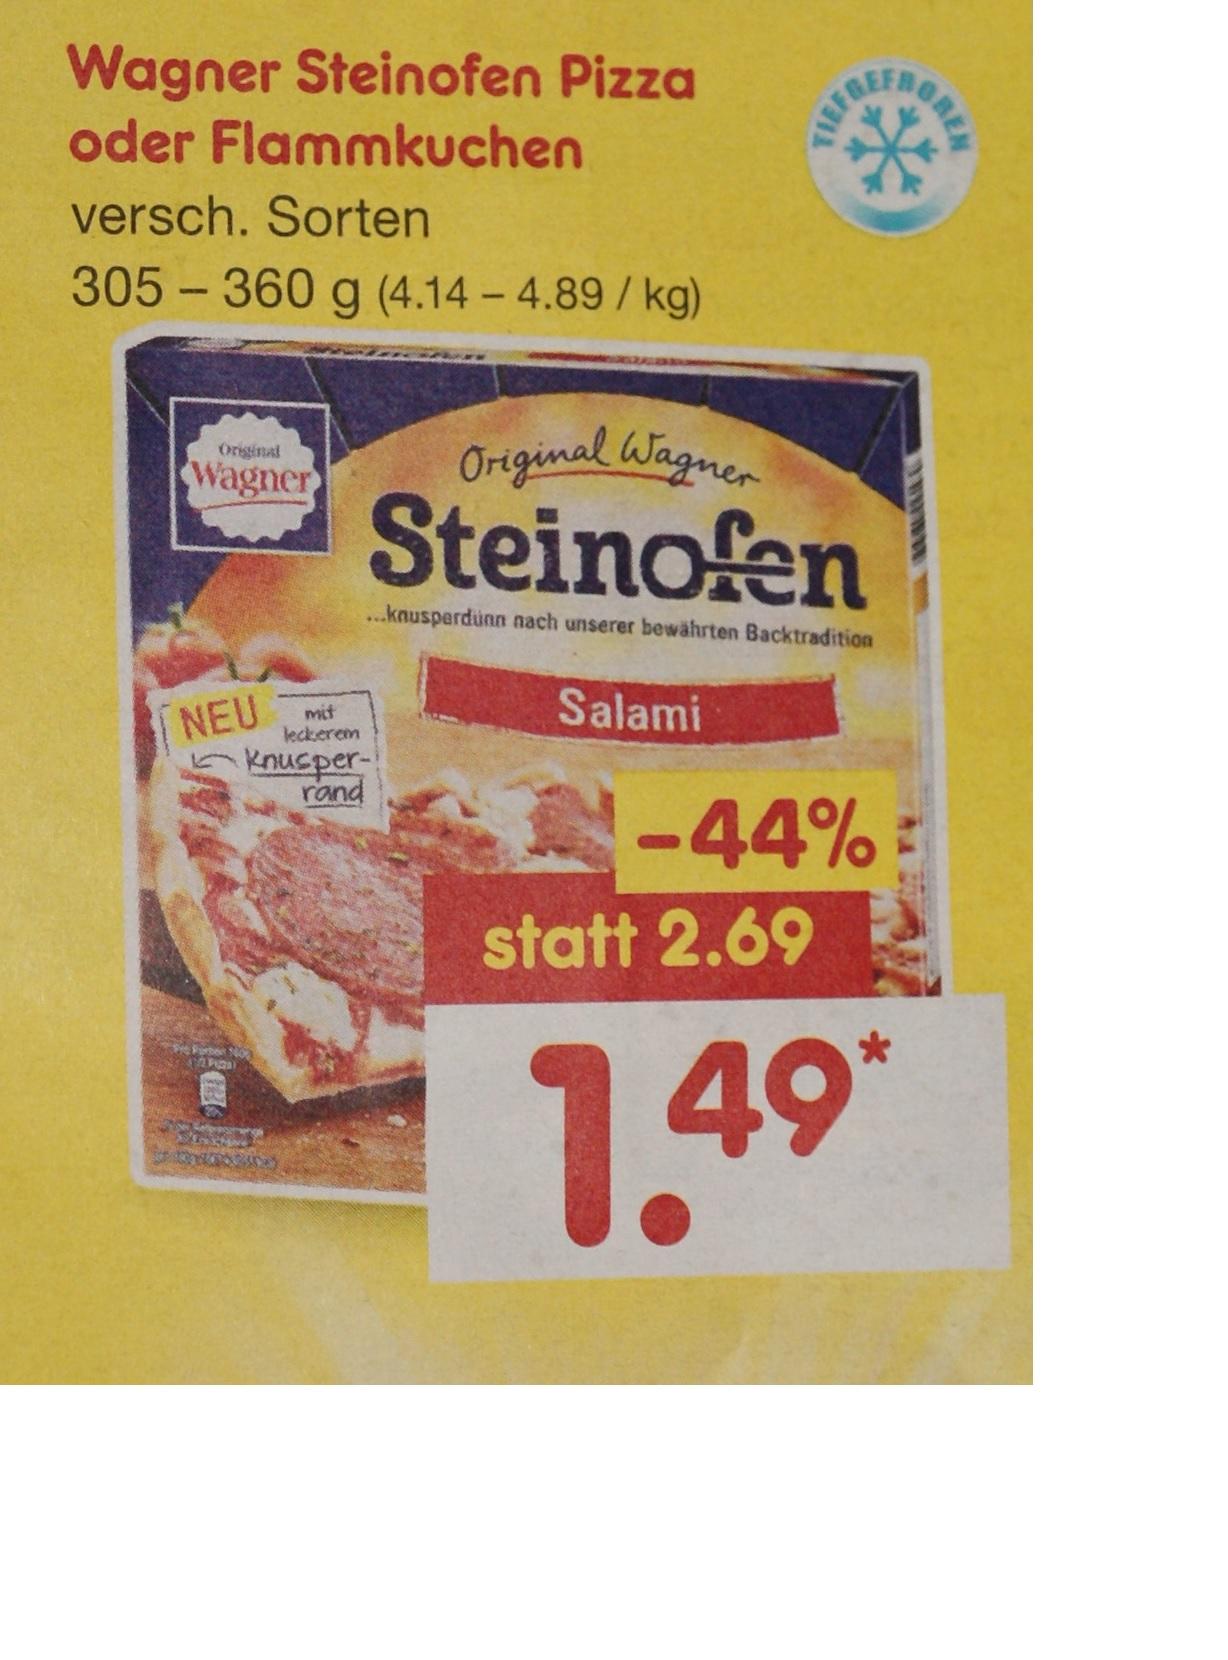 Wagner Pizza Steinofen oder Flammkuchen für 1,49 € bei netto bundesweit